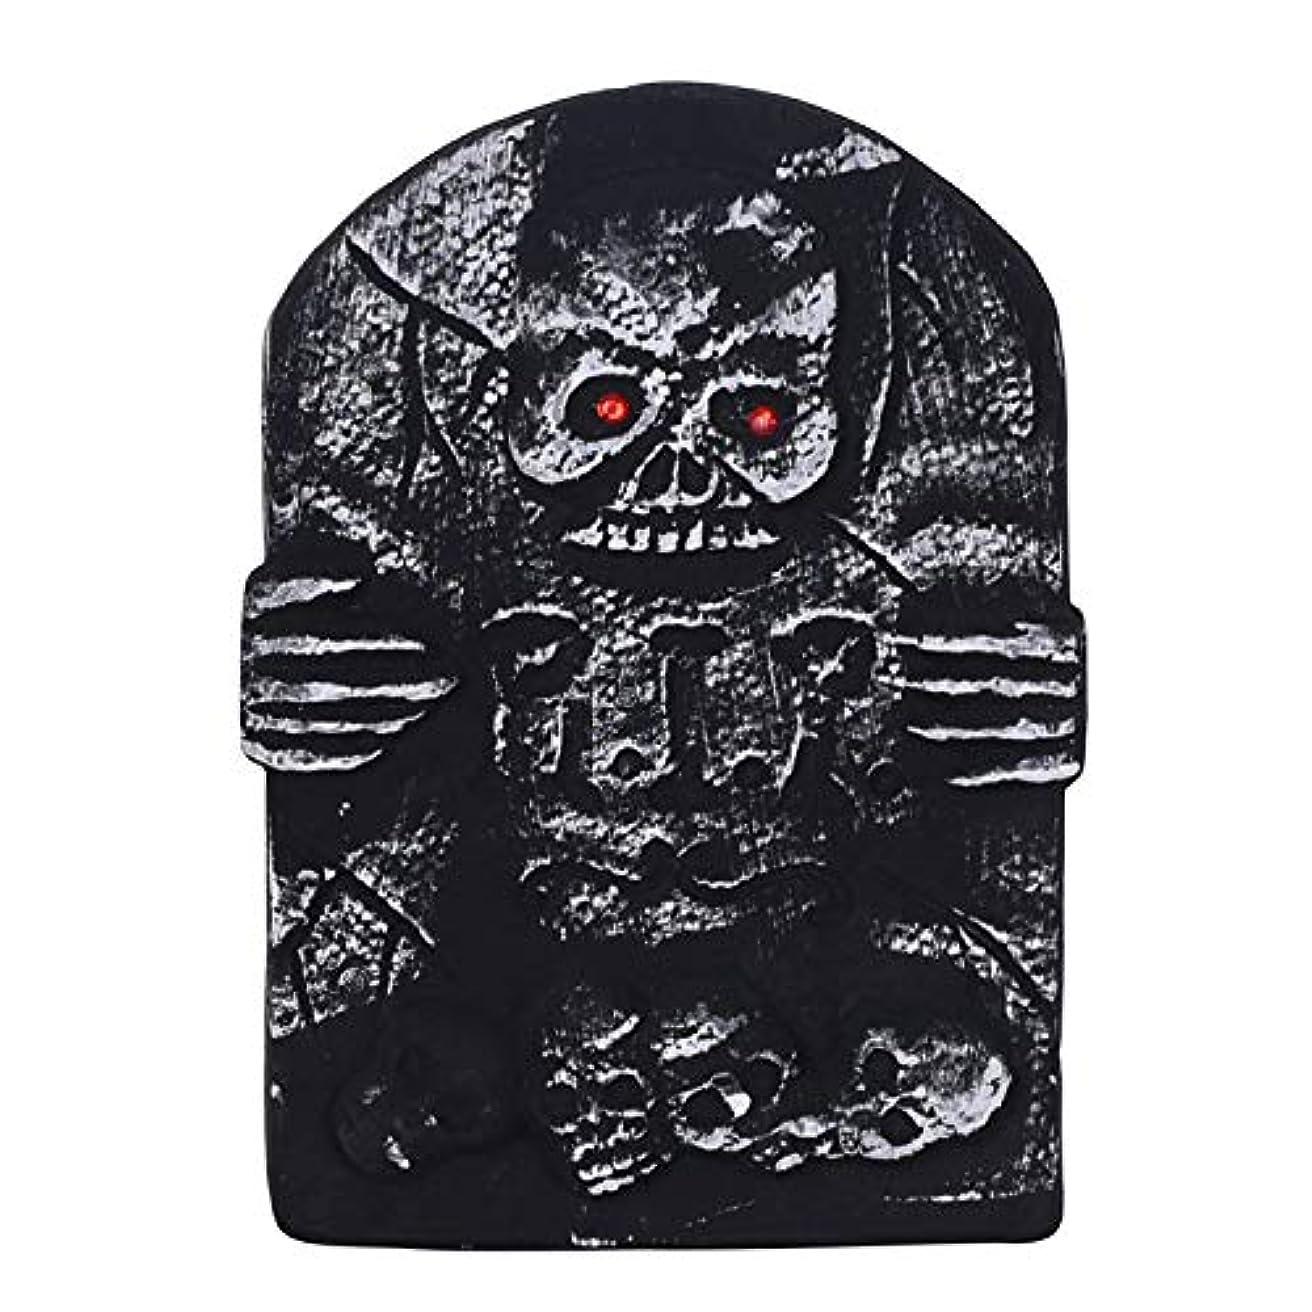 端末スクランブルスタジオETRRUU HOME 墓石ハロウィーン墓写真小道具バーお化け屋敷KTVタトゥーショップ装飾装飾